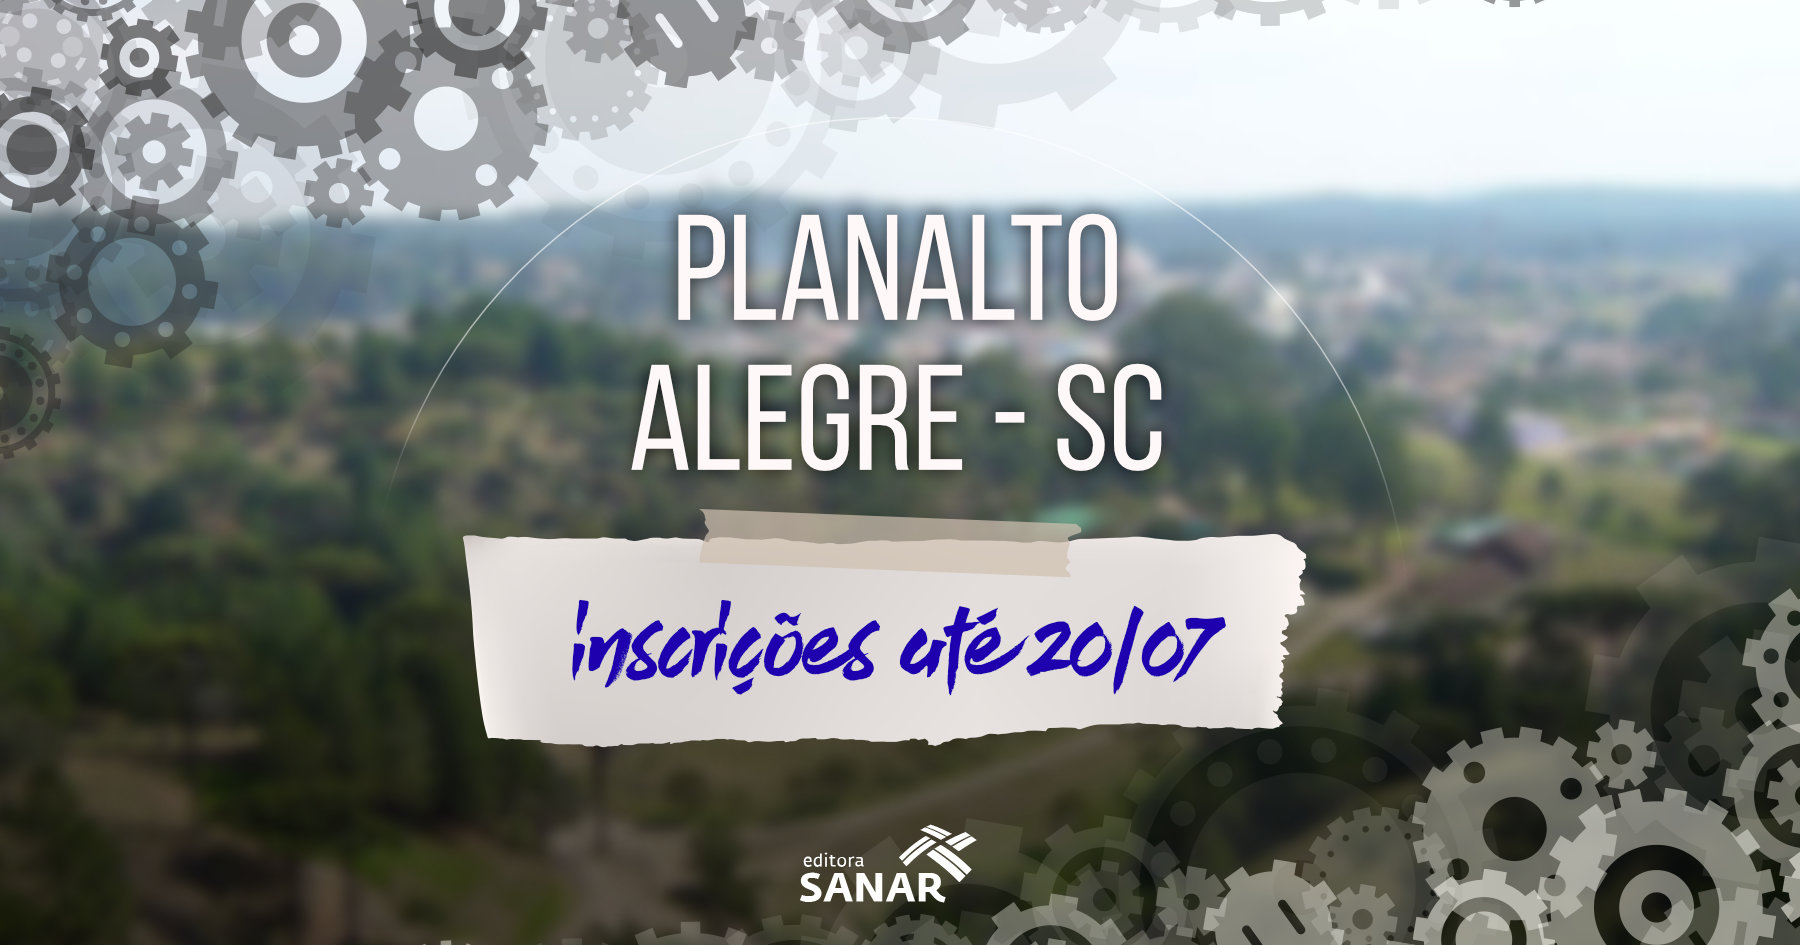 Concurso: vagas para área de Saúde em Planalto Alegre (SC)